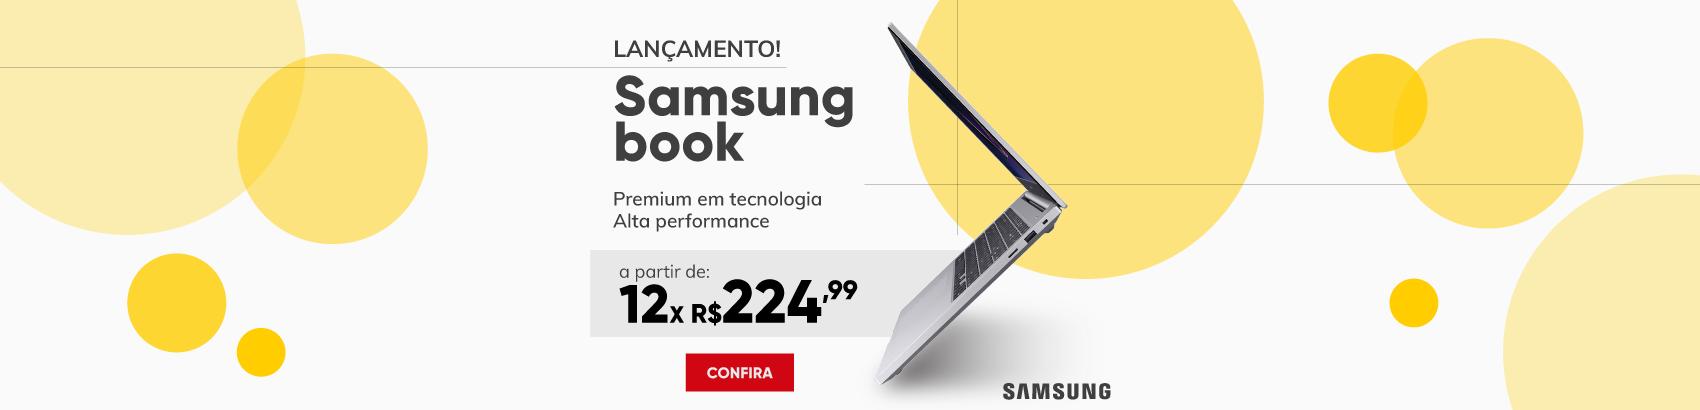 Samsungbook